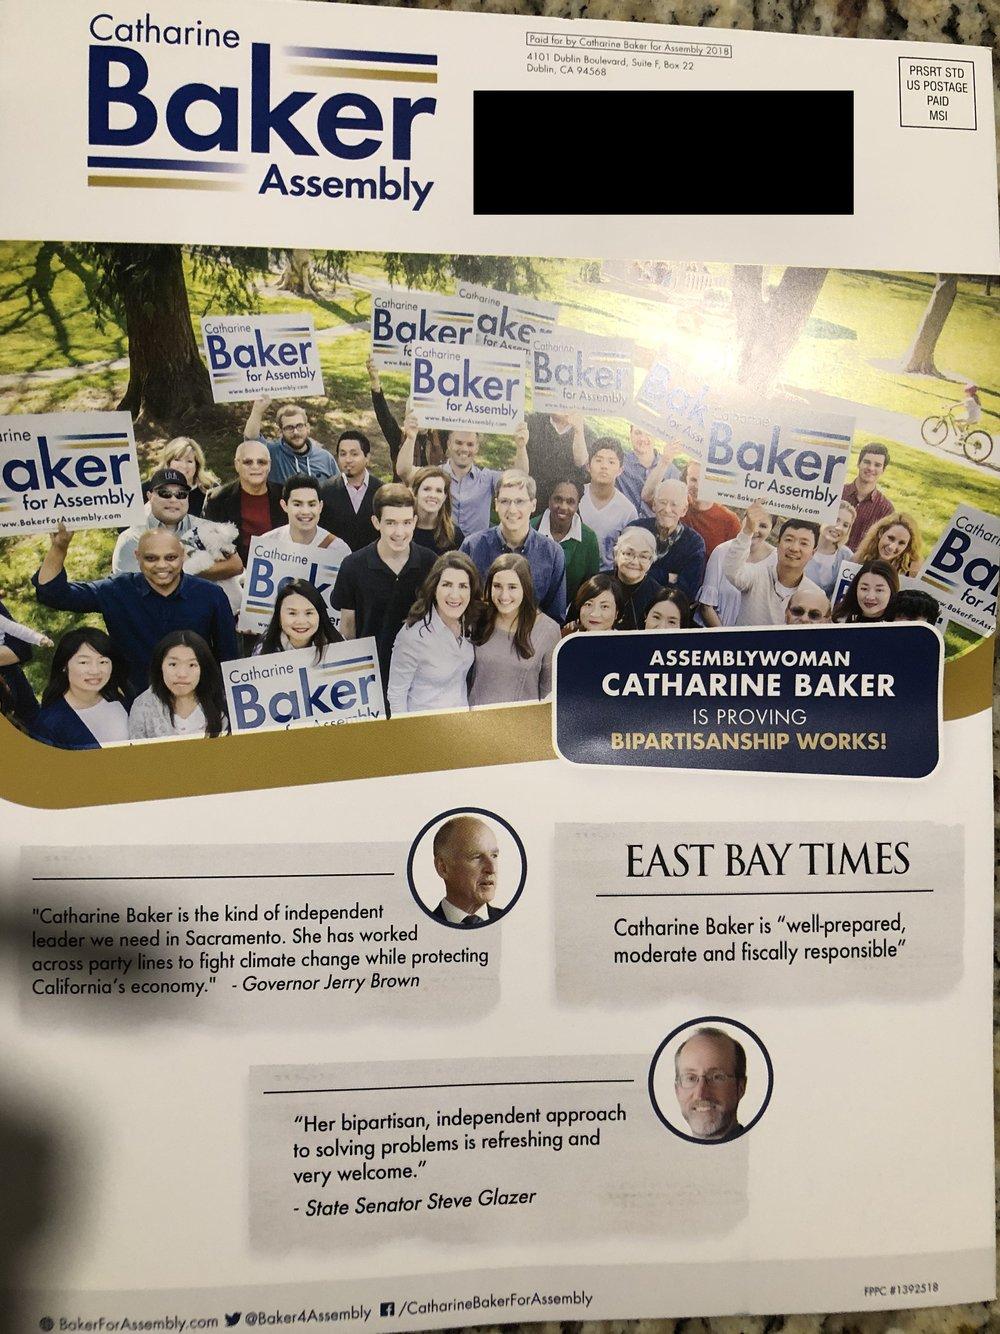 Pro Baker 5.17 side 2.JPEG